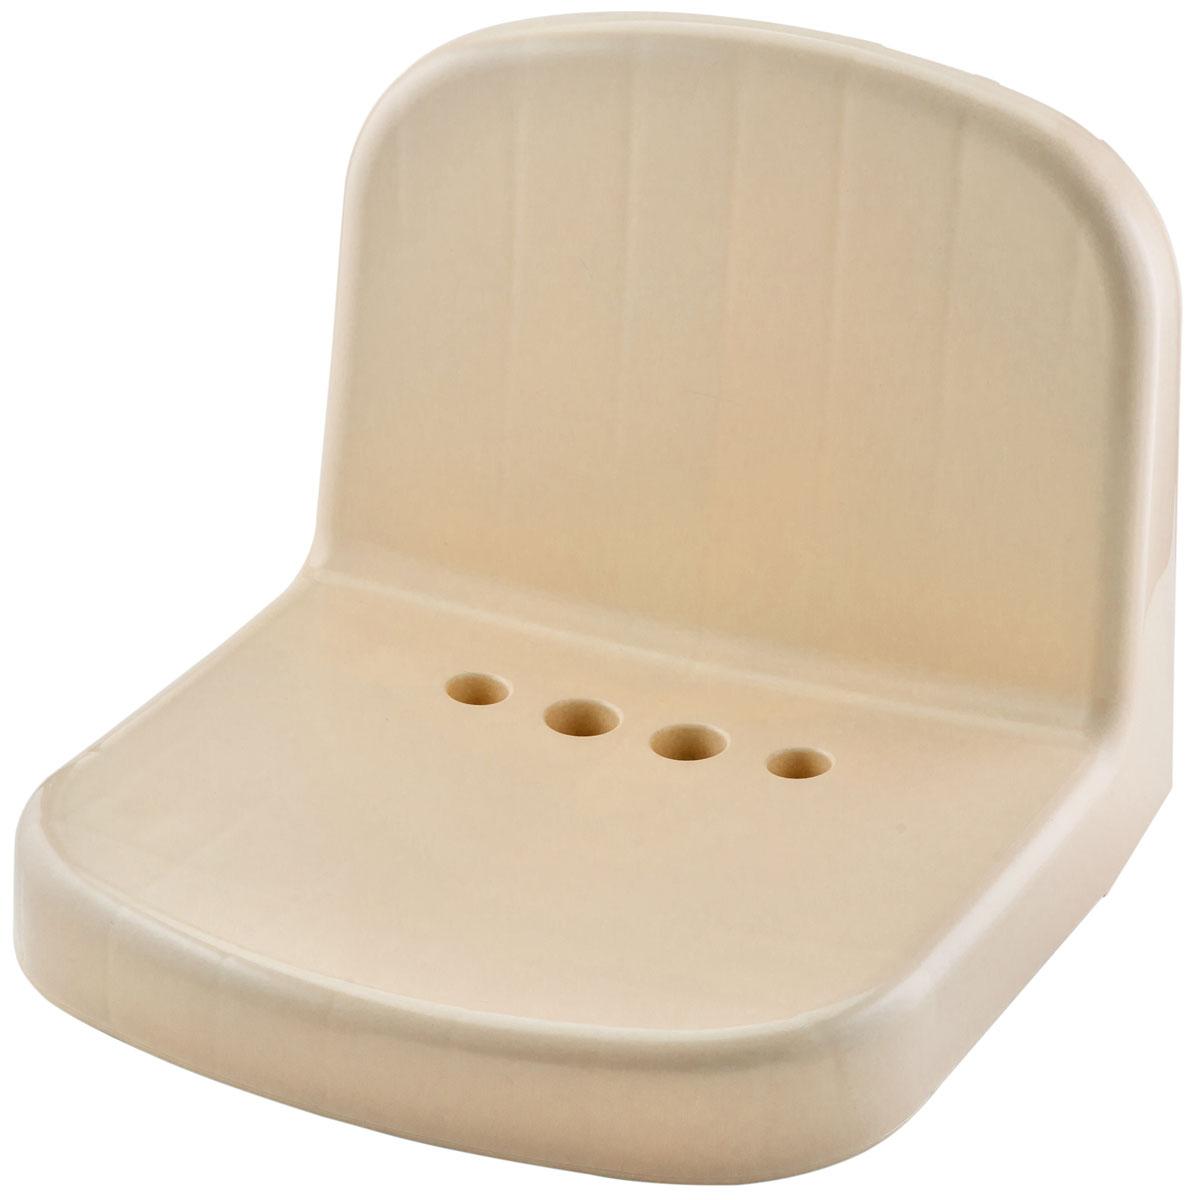 """Сидение """"Molly"""" Berossi из высококачественного пластика. Подходит для использования в помещениях повышенной влажности, в бане, у бассейна, на балконе или в ванной комнате. Этот аксессуар способен повысить уровень комфорта во много раз. В душевой он будет необходим людям преклонного возраста или с ограниченными возможностями. Оценят его и женщины, ведь делать маникюр или педикюр, сидя на таком стульчике, намного удобнее. Среди прочих достоинств: отверстия округлой формы в основании сиденья для оттока воды; пластик, из которого выполнено изделие, моментально прогревается, быстро высыхает и не ржавеет от воздействия влаги; специальная обработка поверхности сиденья предотвращает скольжение на нем даже при значительном уровне влажности; спинка позволяет избежать контакта с холодной стеной и комфортом расслабиться, давая отдых спине; монолитная конструкция с отсутствием стыков упрощает уход за изделием, которое легко моется стандартными моющими средствами. Сиденье Molly, выполненное из высококачественного пластика, выдерживает нагрузку до 120 кг. В комплект входит инструкция на этикетке и все необходимые шурупы и дюбели для надежной фиксации изделия к стене. Легко монтируется."""